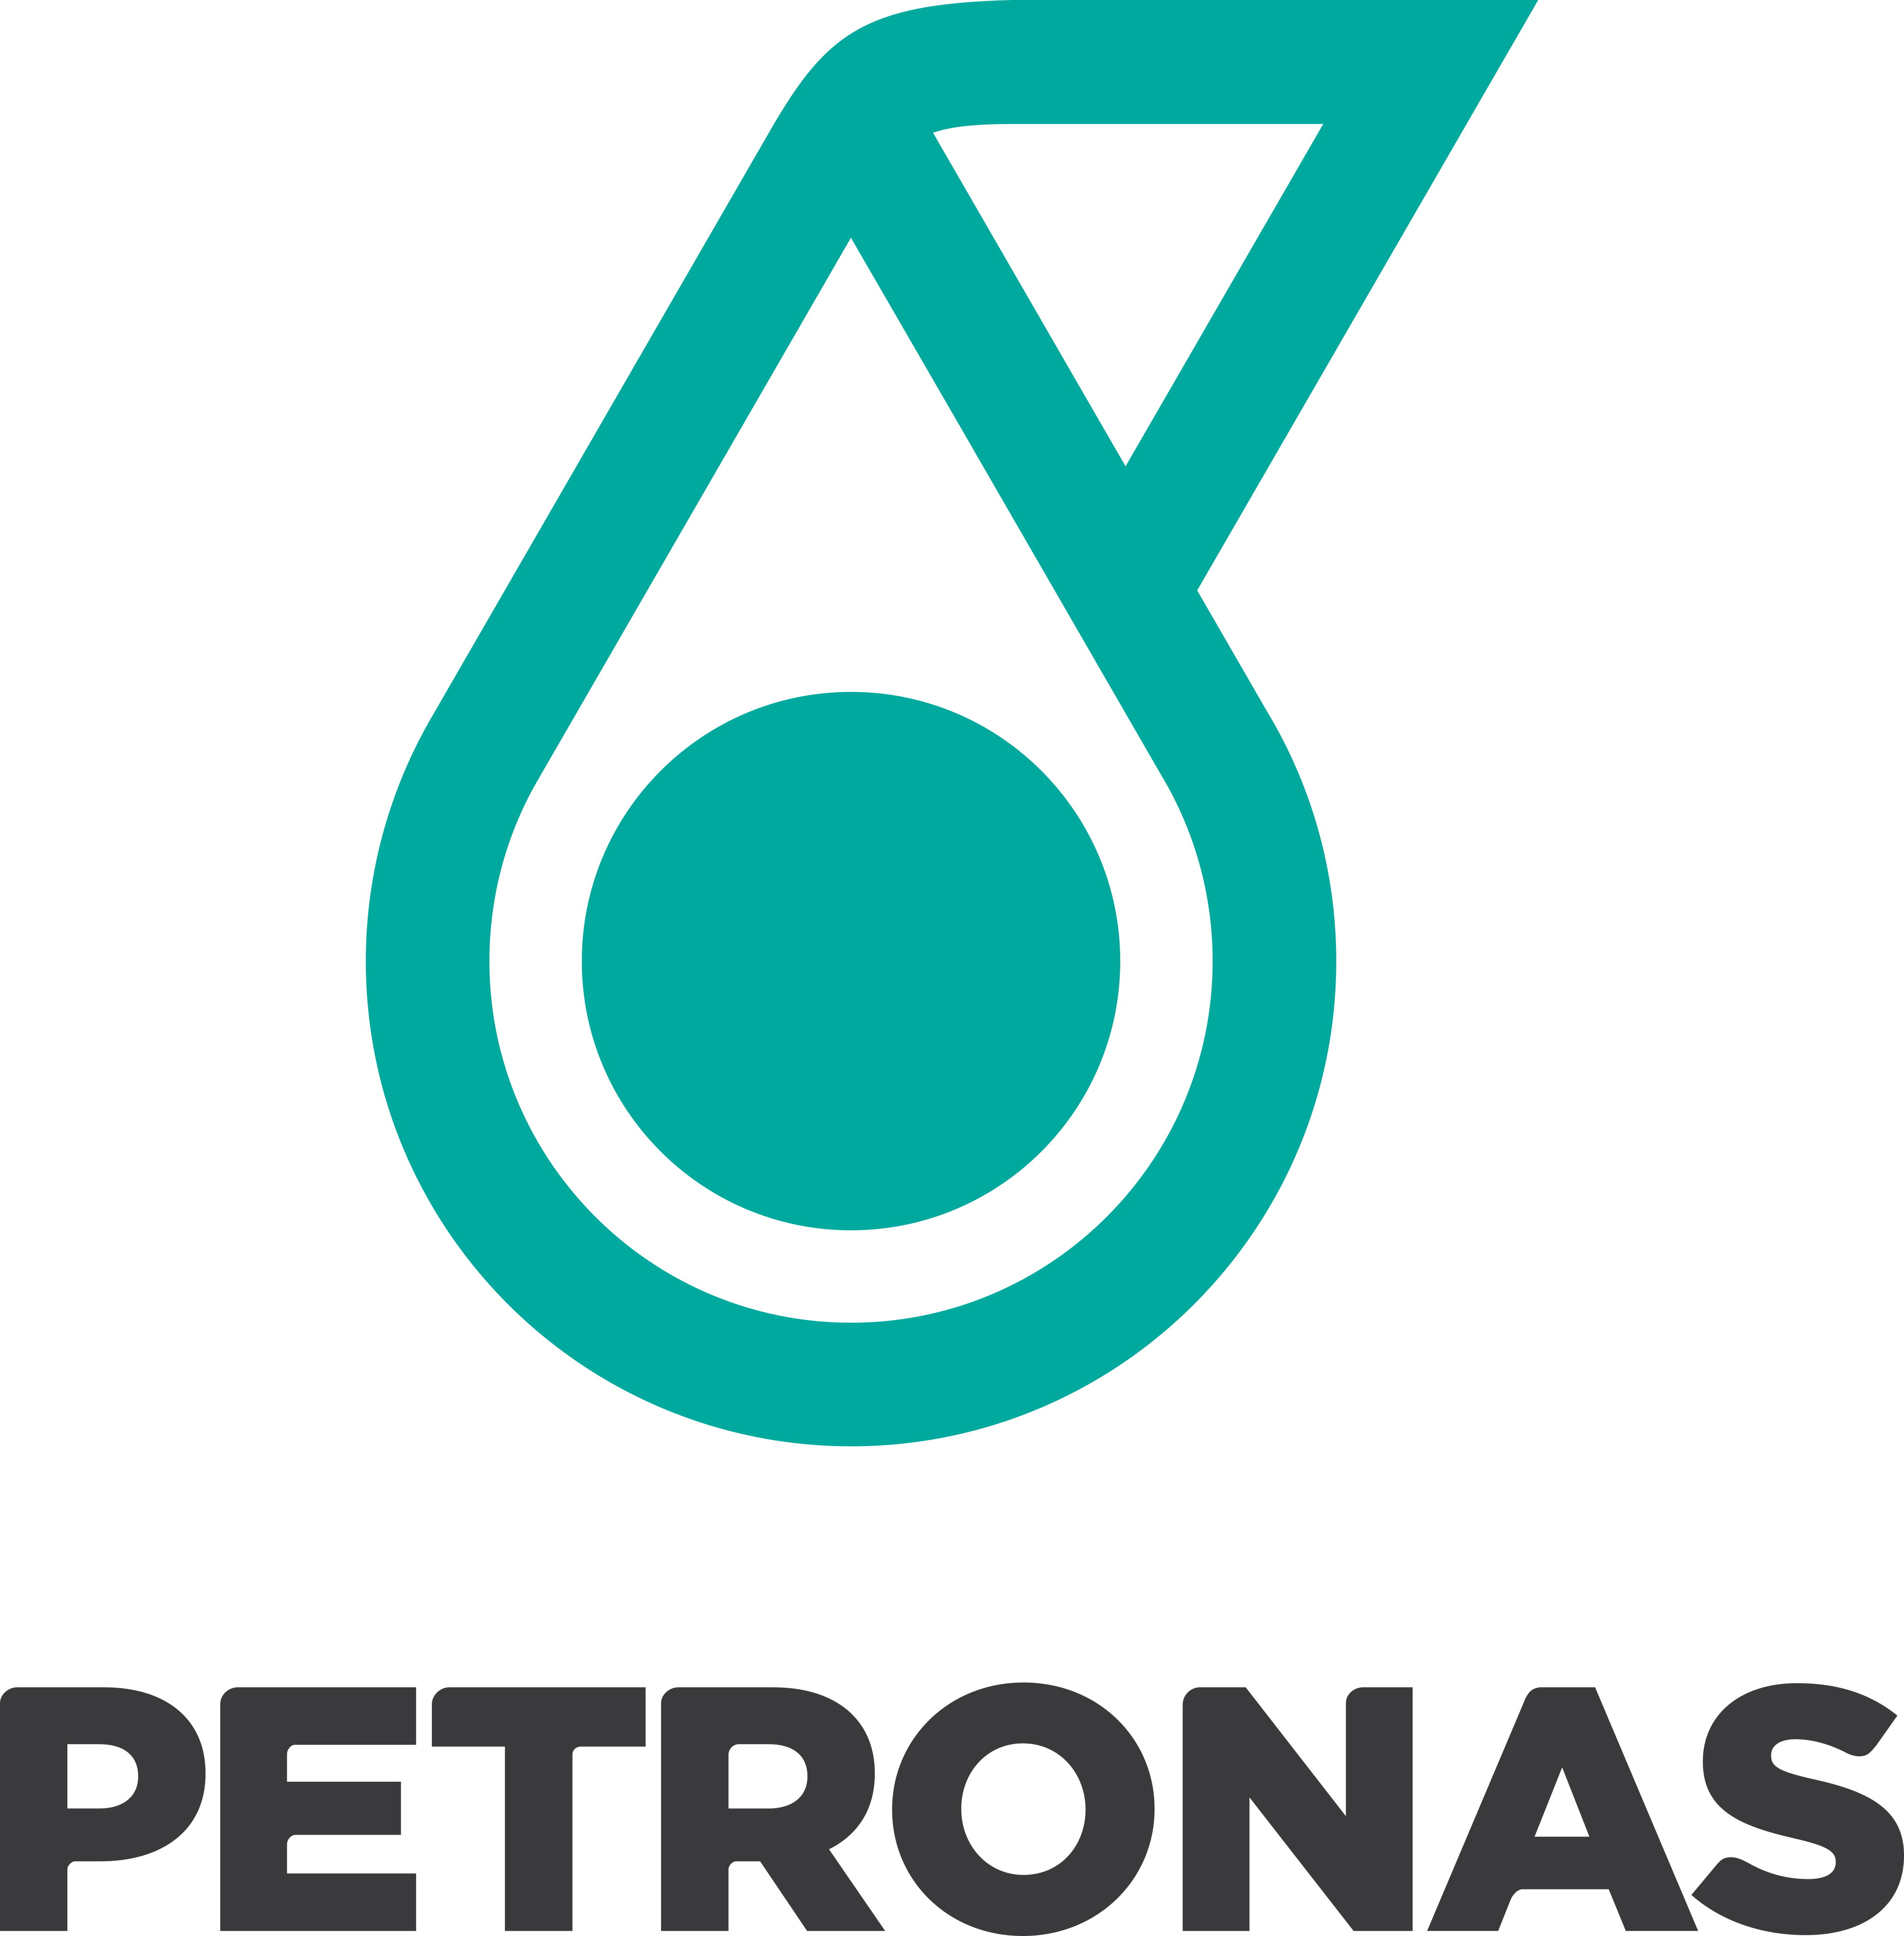 petronas logo 1 1 - Petronas Logo